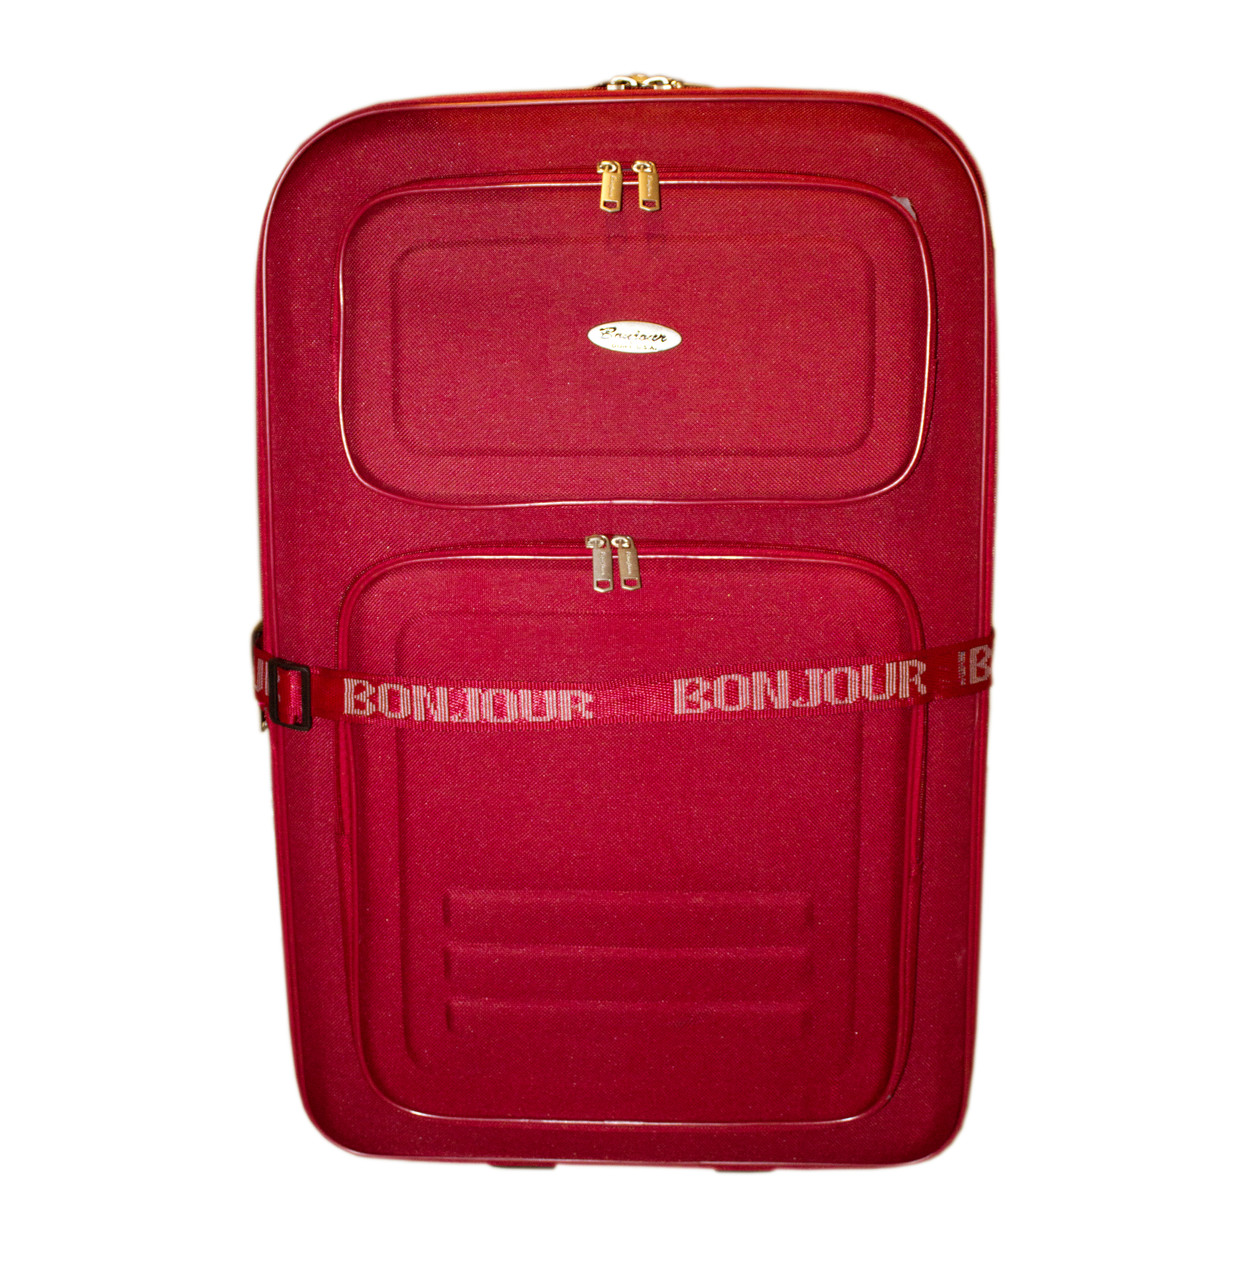 Дорожный чемодан 2 колеса (средний) красный, артикул: 12126-9380